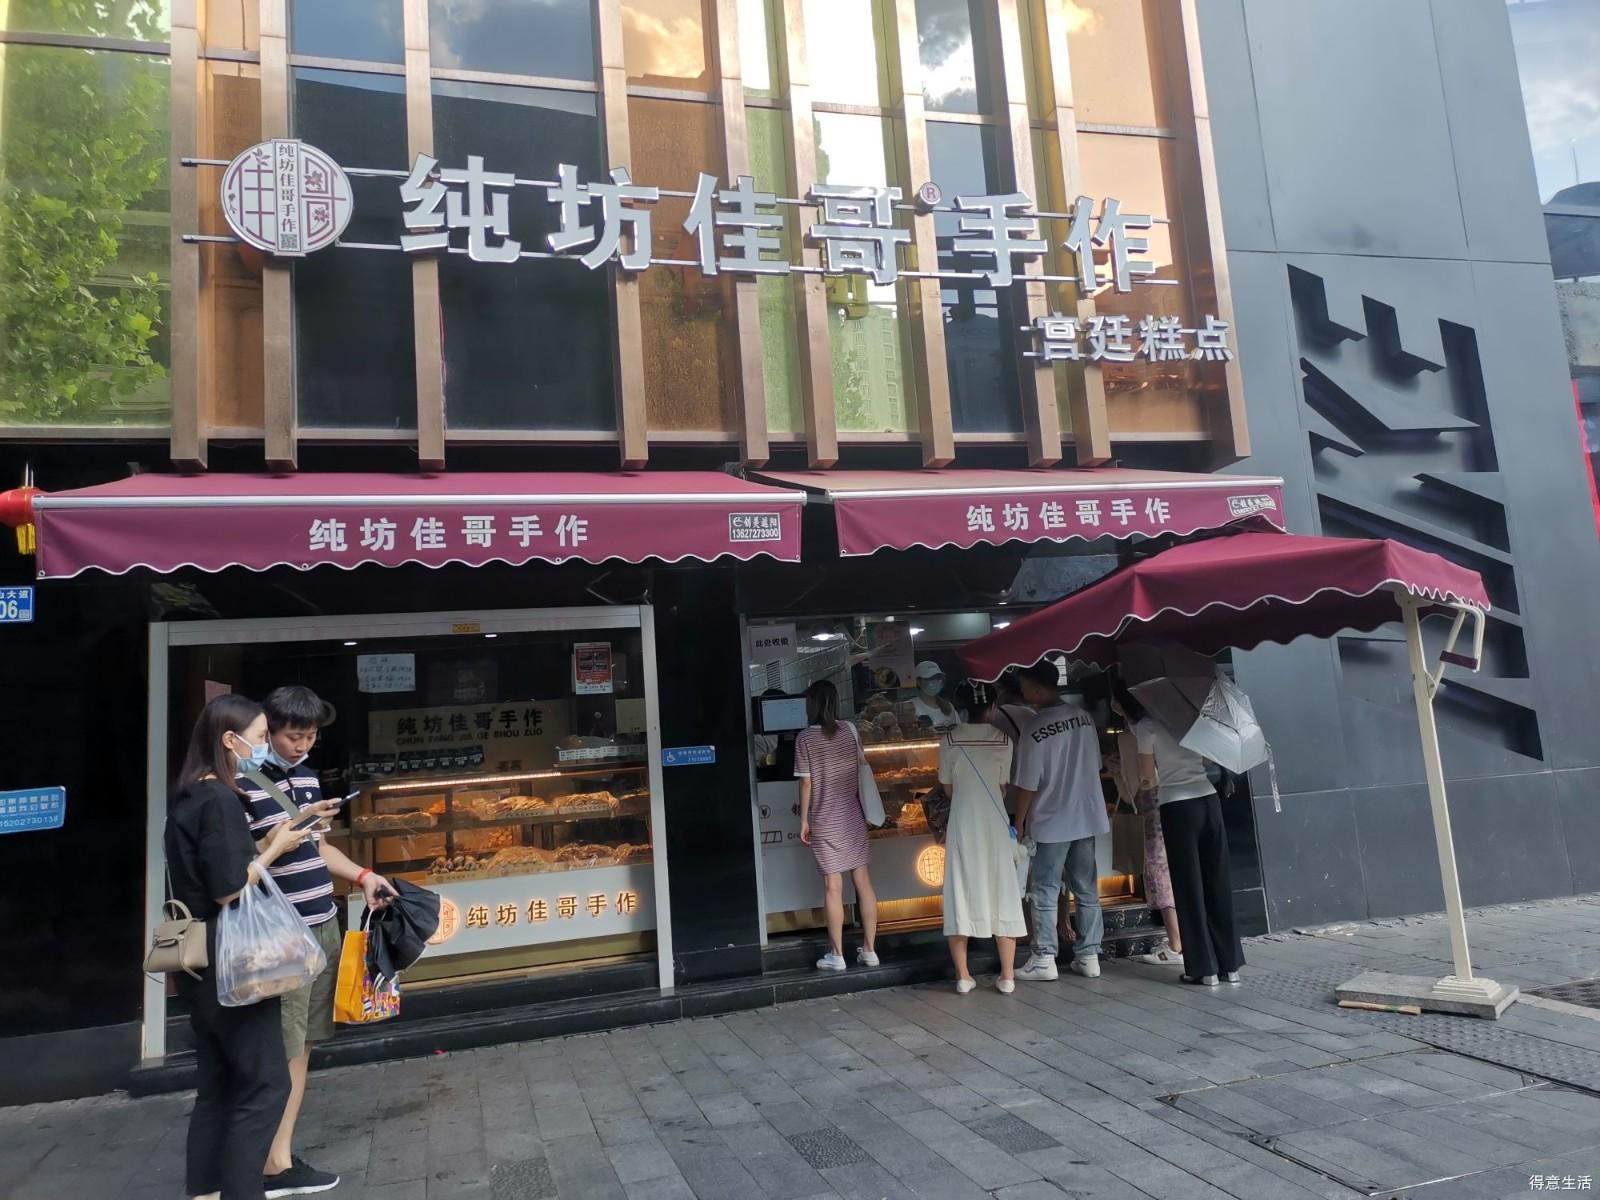 尝鲜江汉路排长队的纯坊佳哥手作糕点,有惊喜也有吐槽!